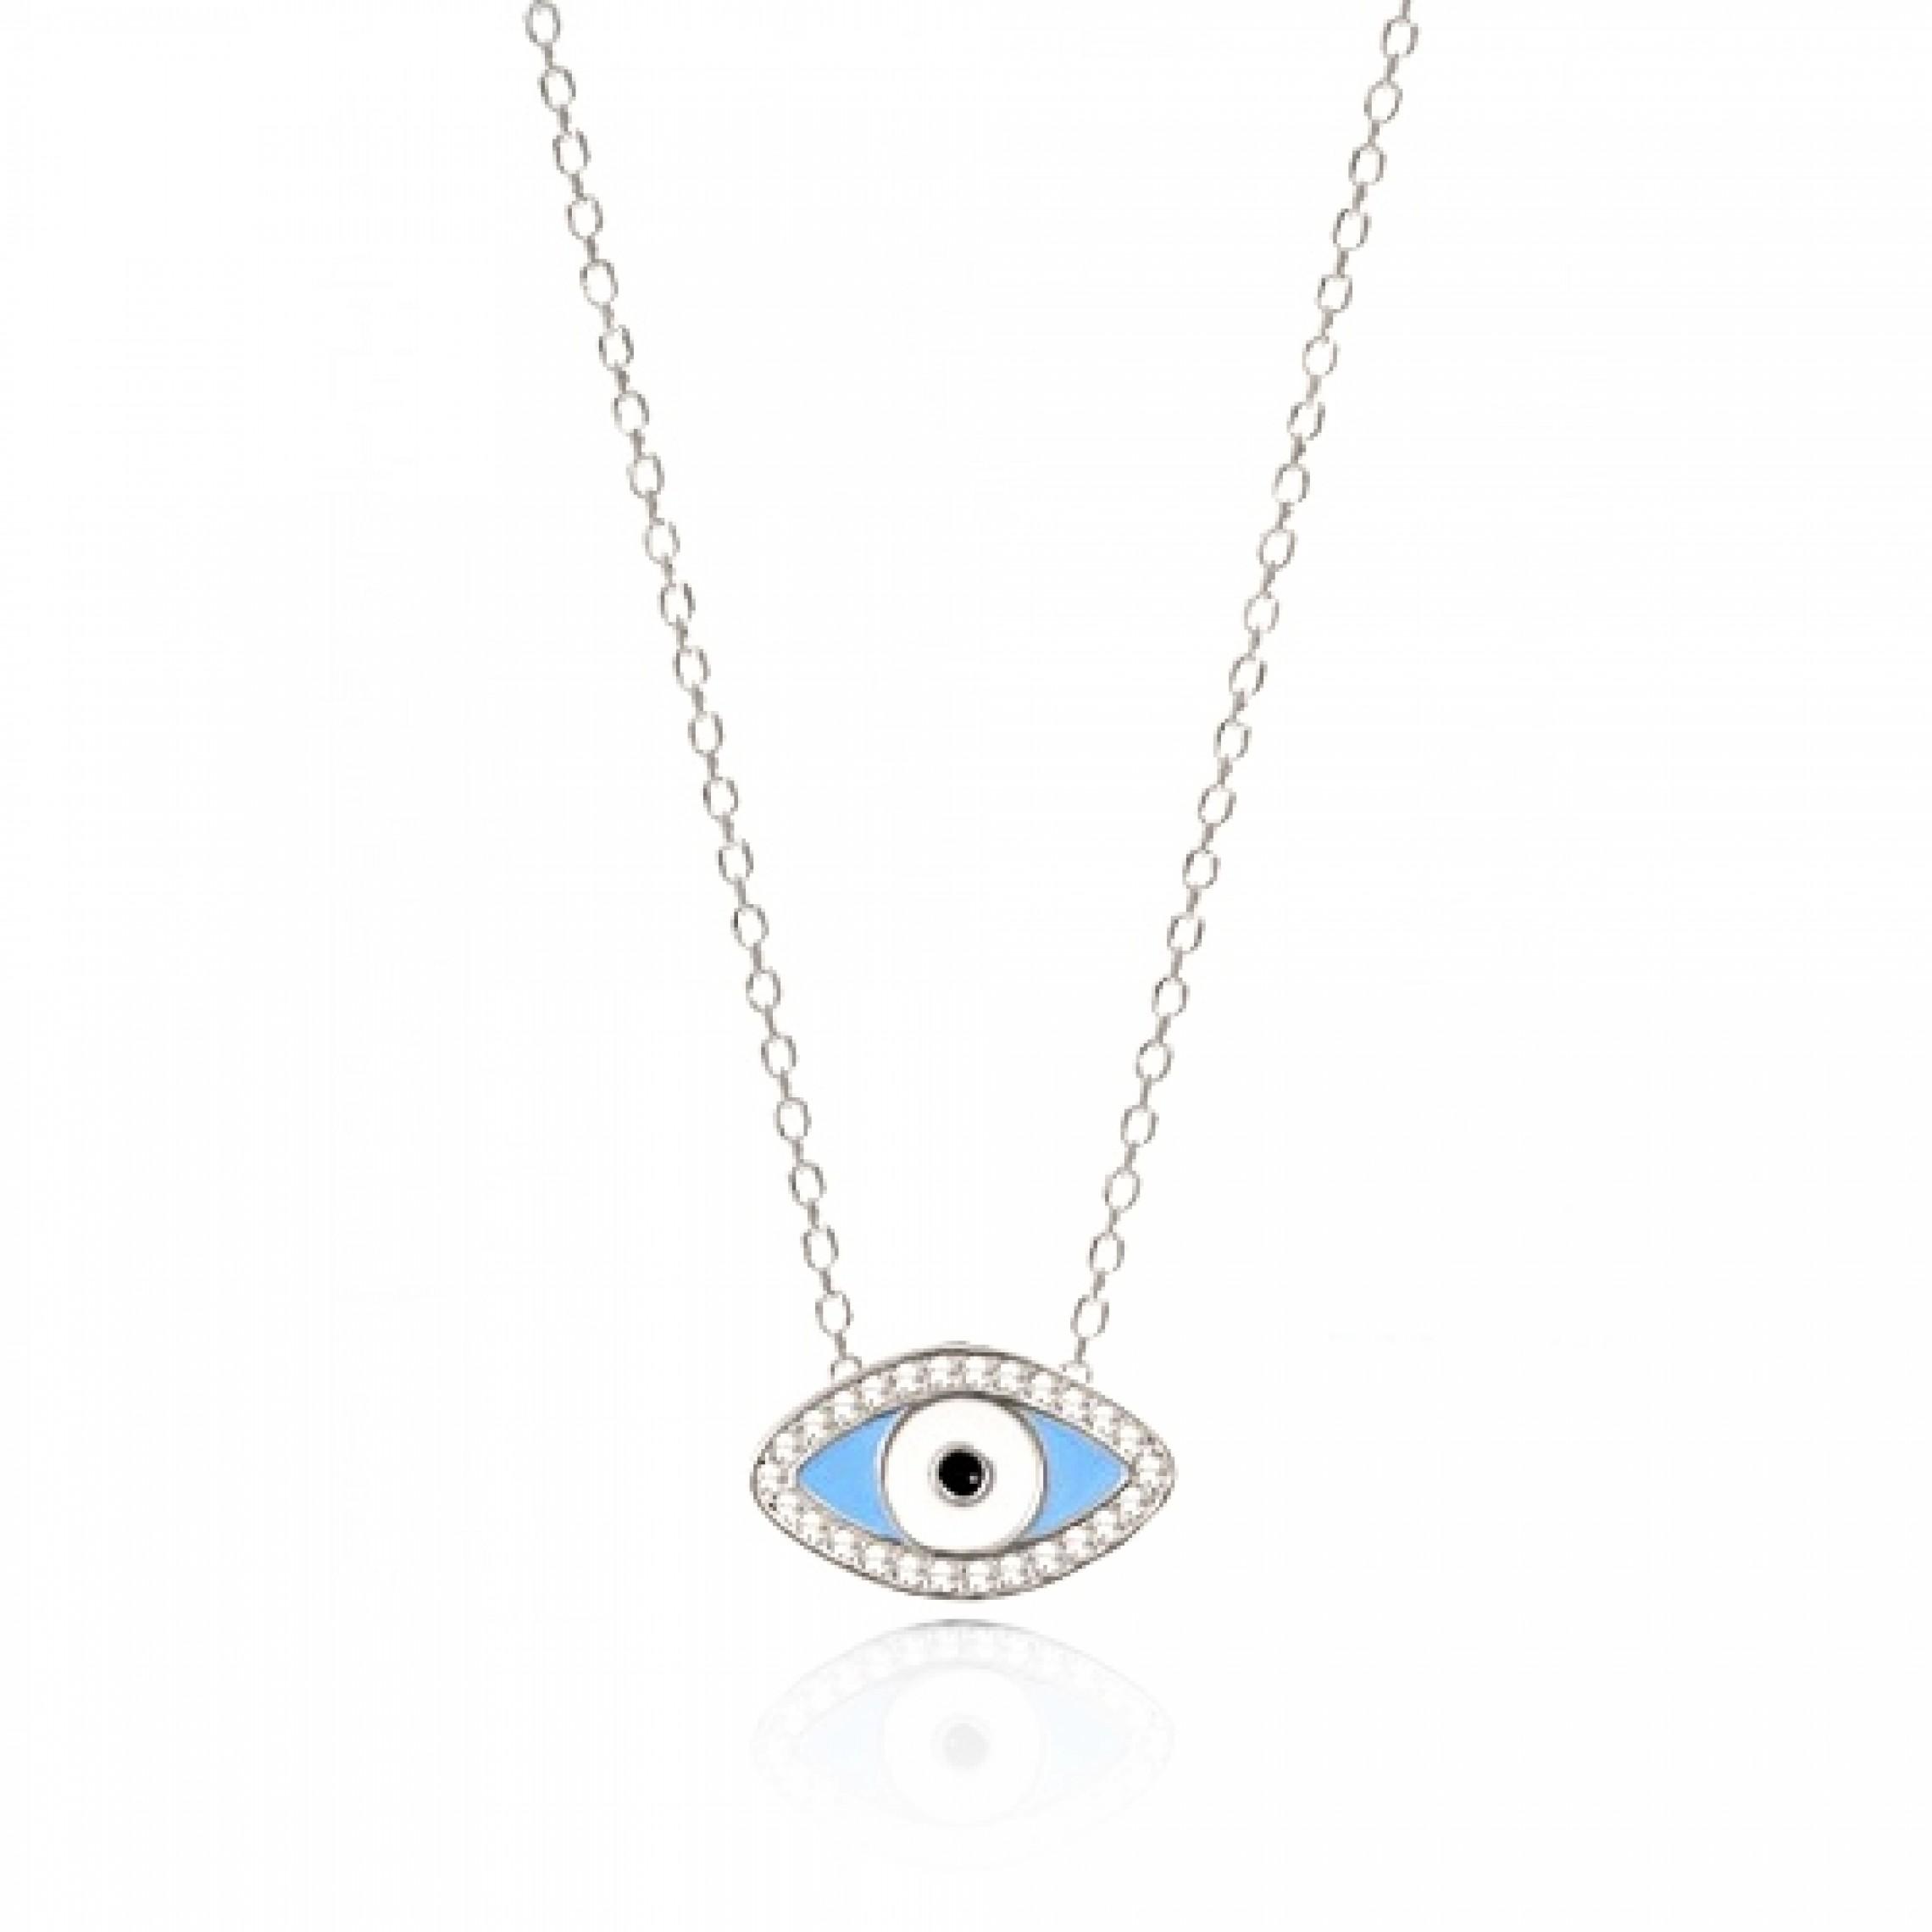 JN-190230 Evil Eye 925 Sterling Silver CZ Necklace Evil Eyes